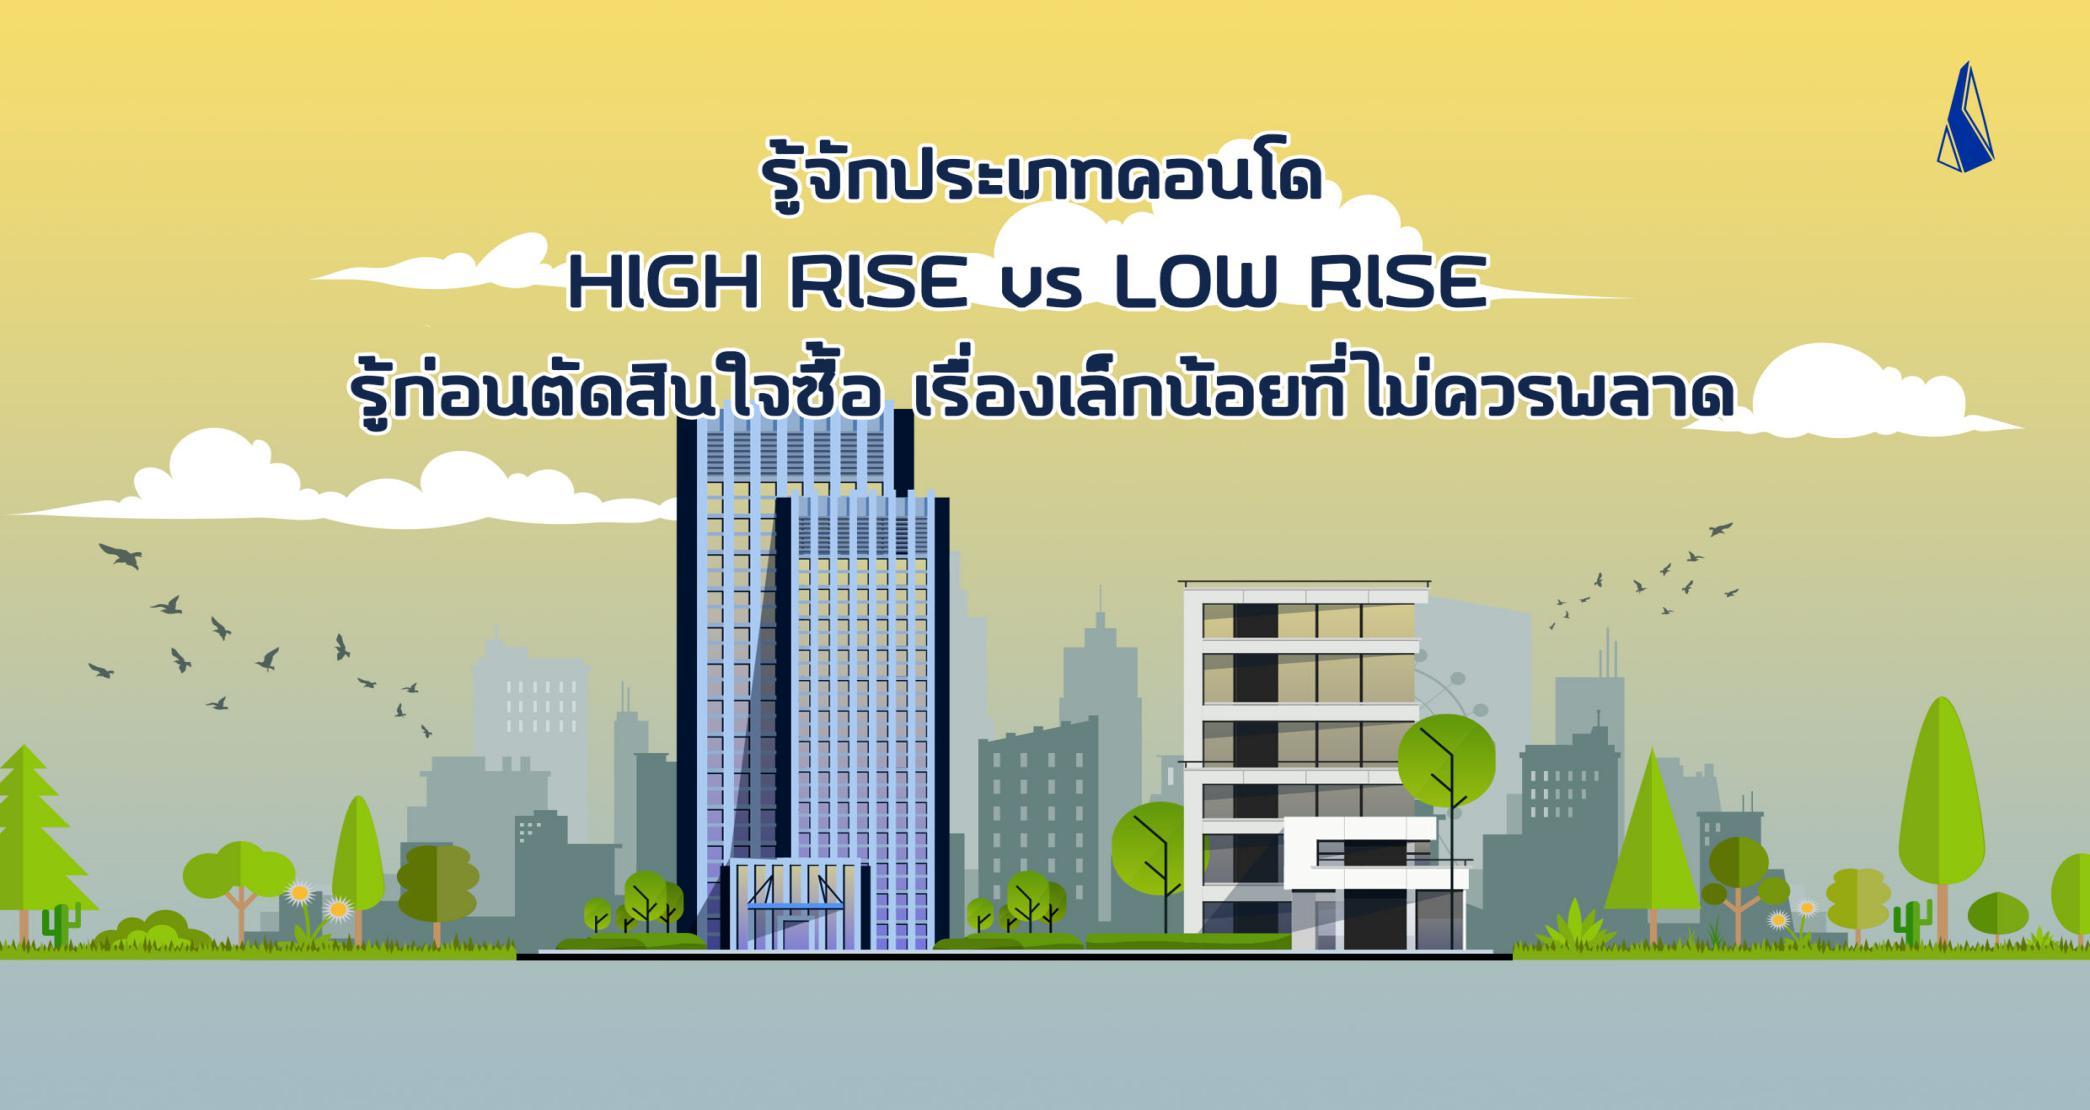 รูปบทความ High Rise Vs Low Rise รู้ก่อนตัดสินใจซื้อ เรื่องเล็กน้อยที่ไม่ควรพลาด